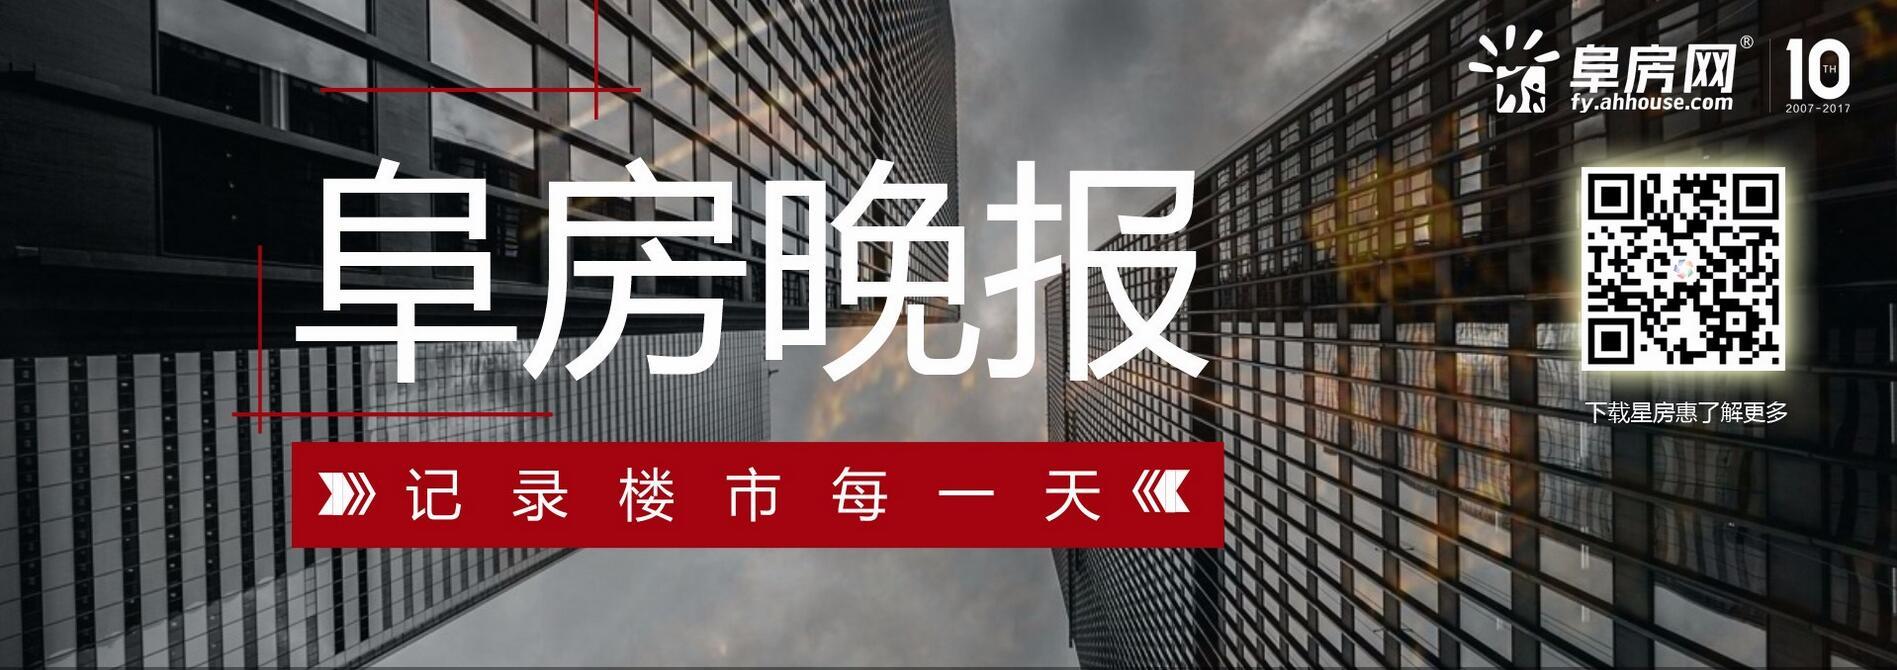 1月17日阜房网新闻晚报:阜阳首座大型立交桥开建